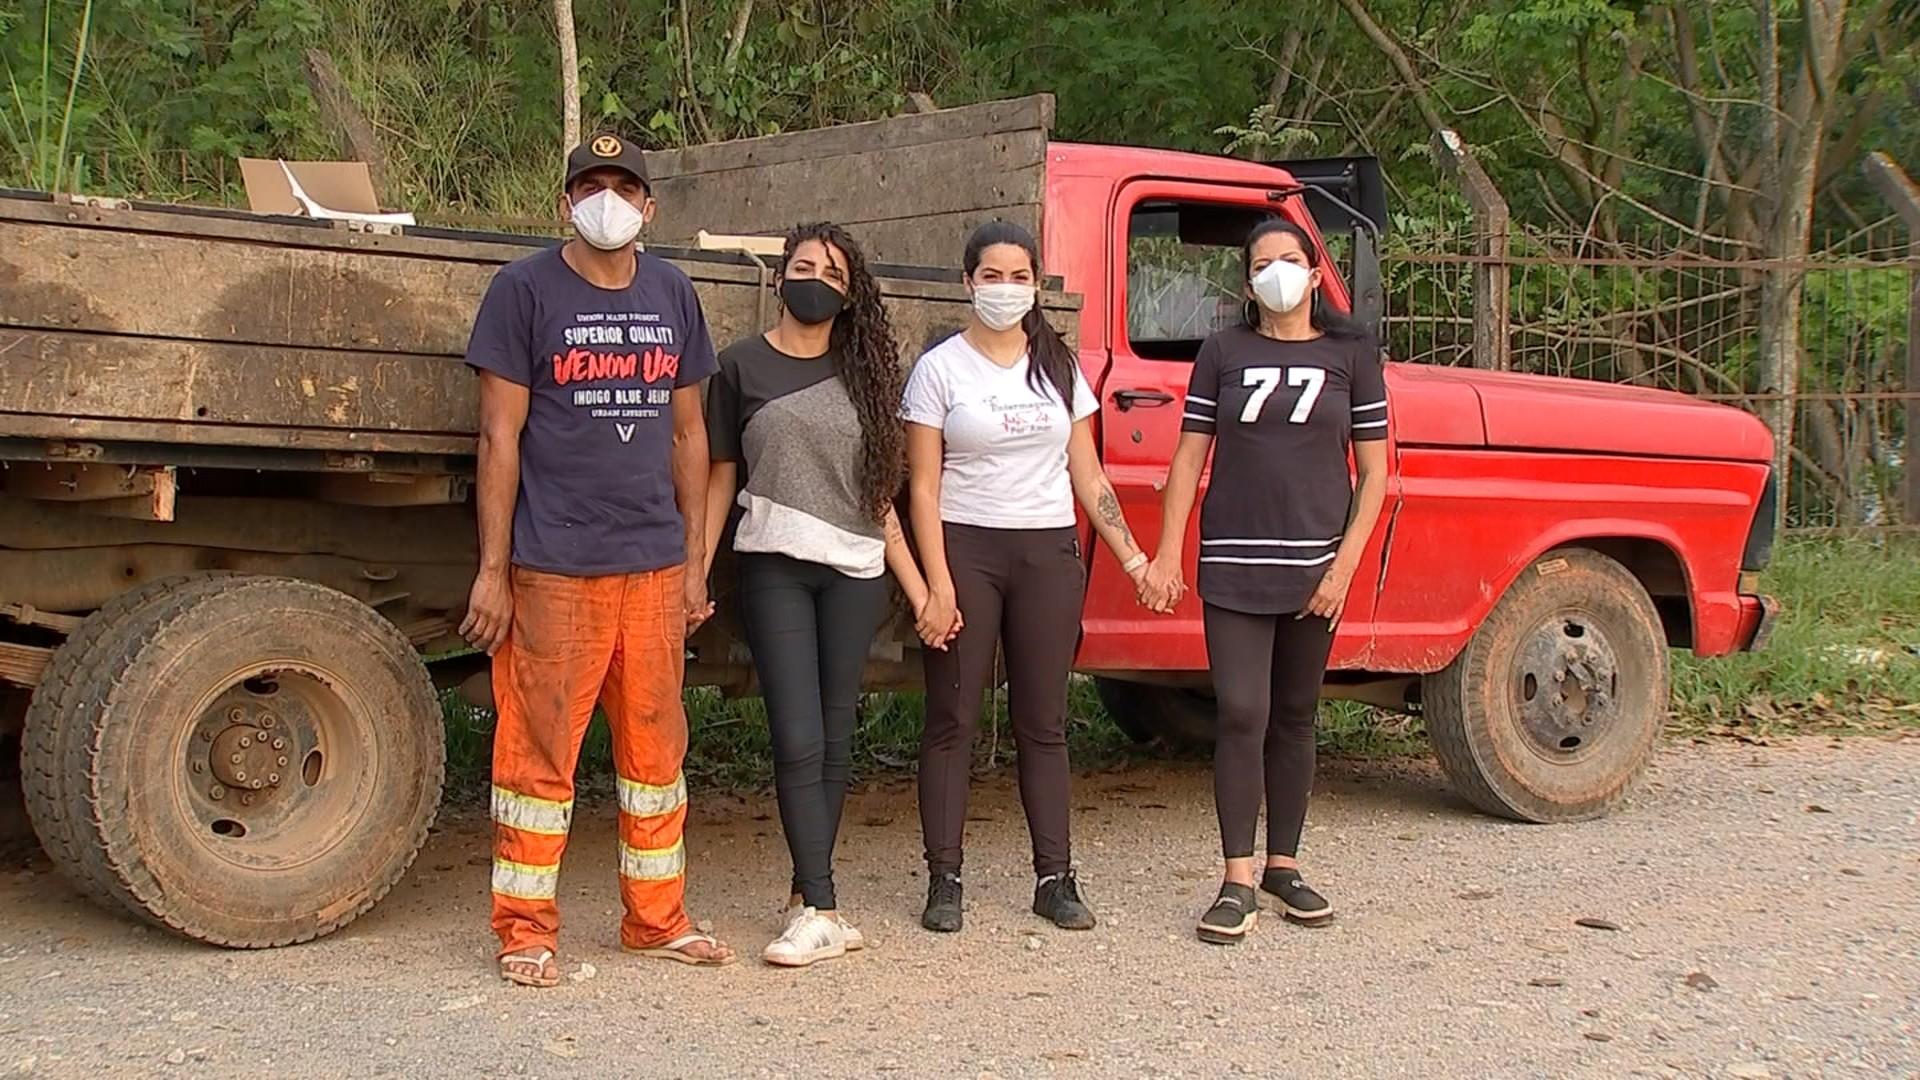 Após superar vício das drogas, casal começa a trabalhar com reciclagem e consegue pagar estudos para as filhas